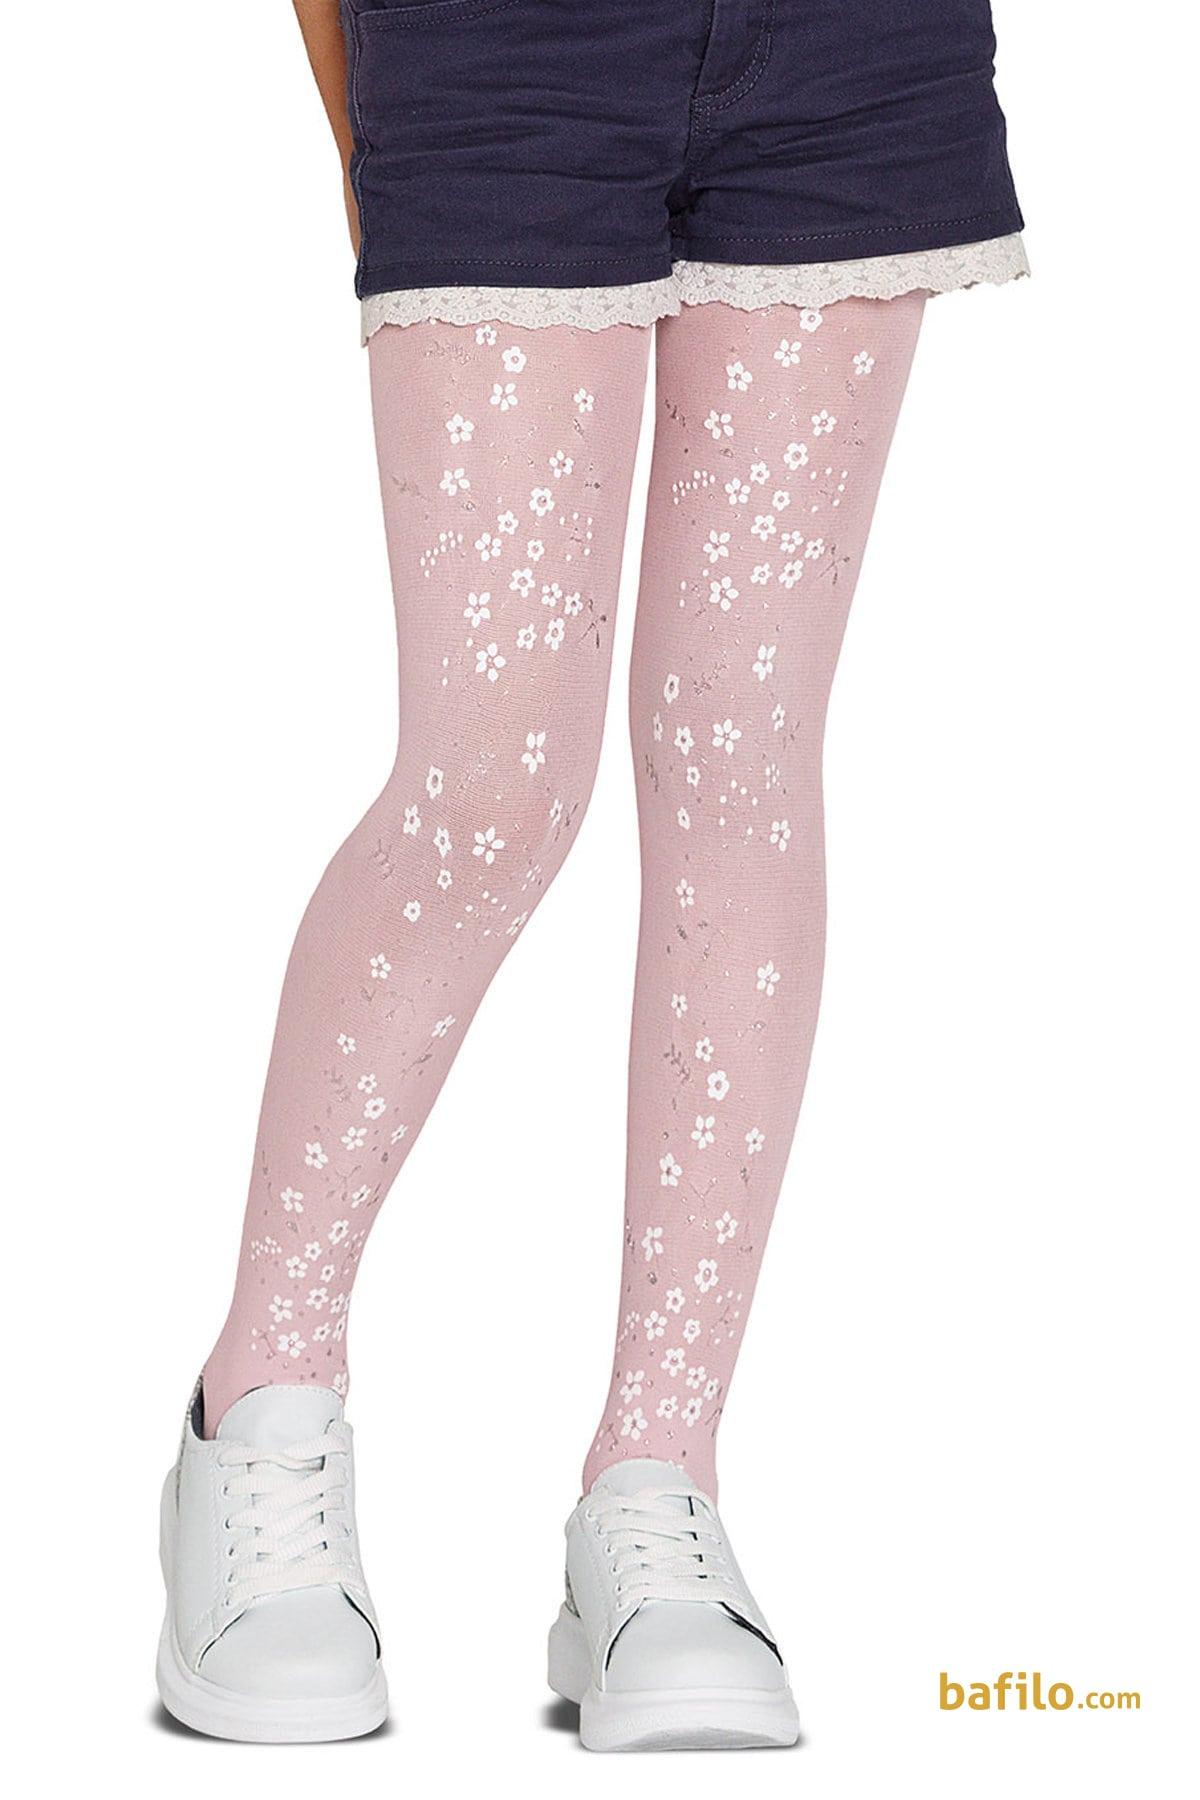 پنتی   Penti - جوراب شلواری طرح دار دخترانه پنتی Bouquet سفید